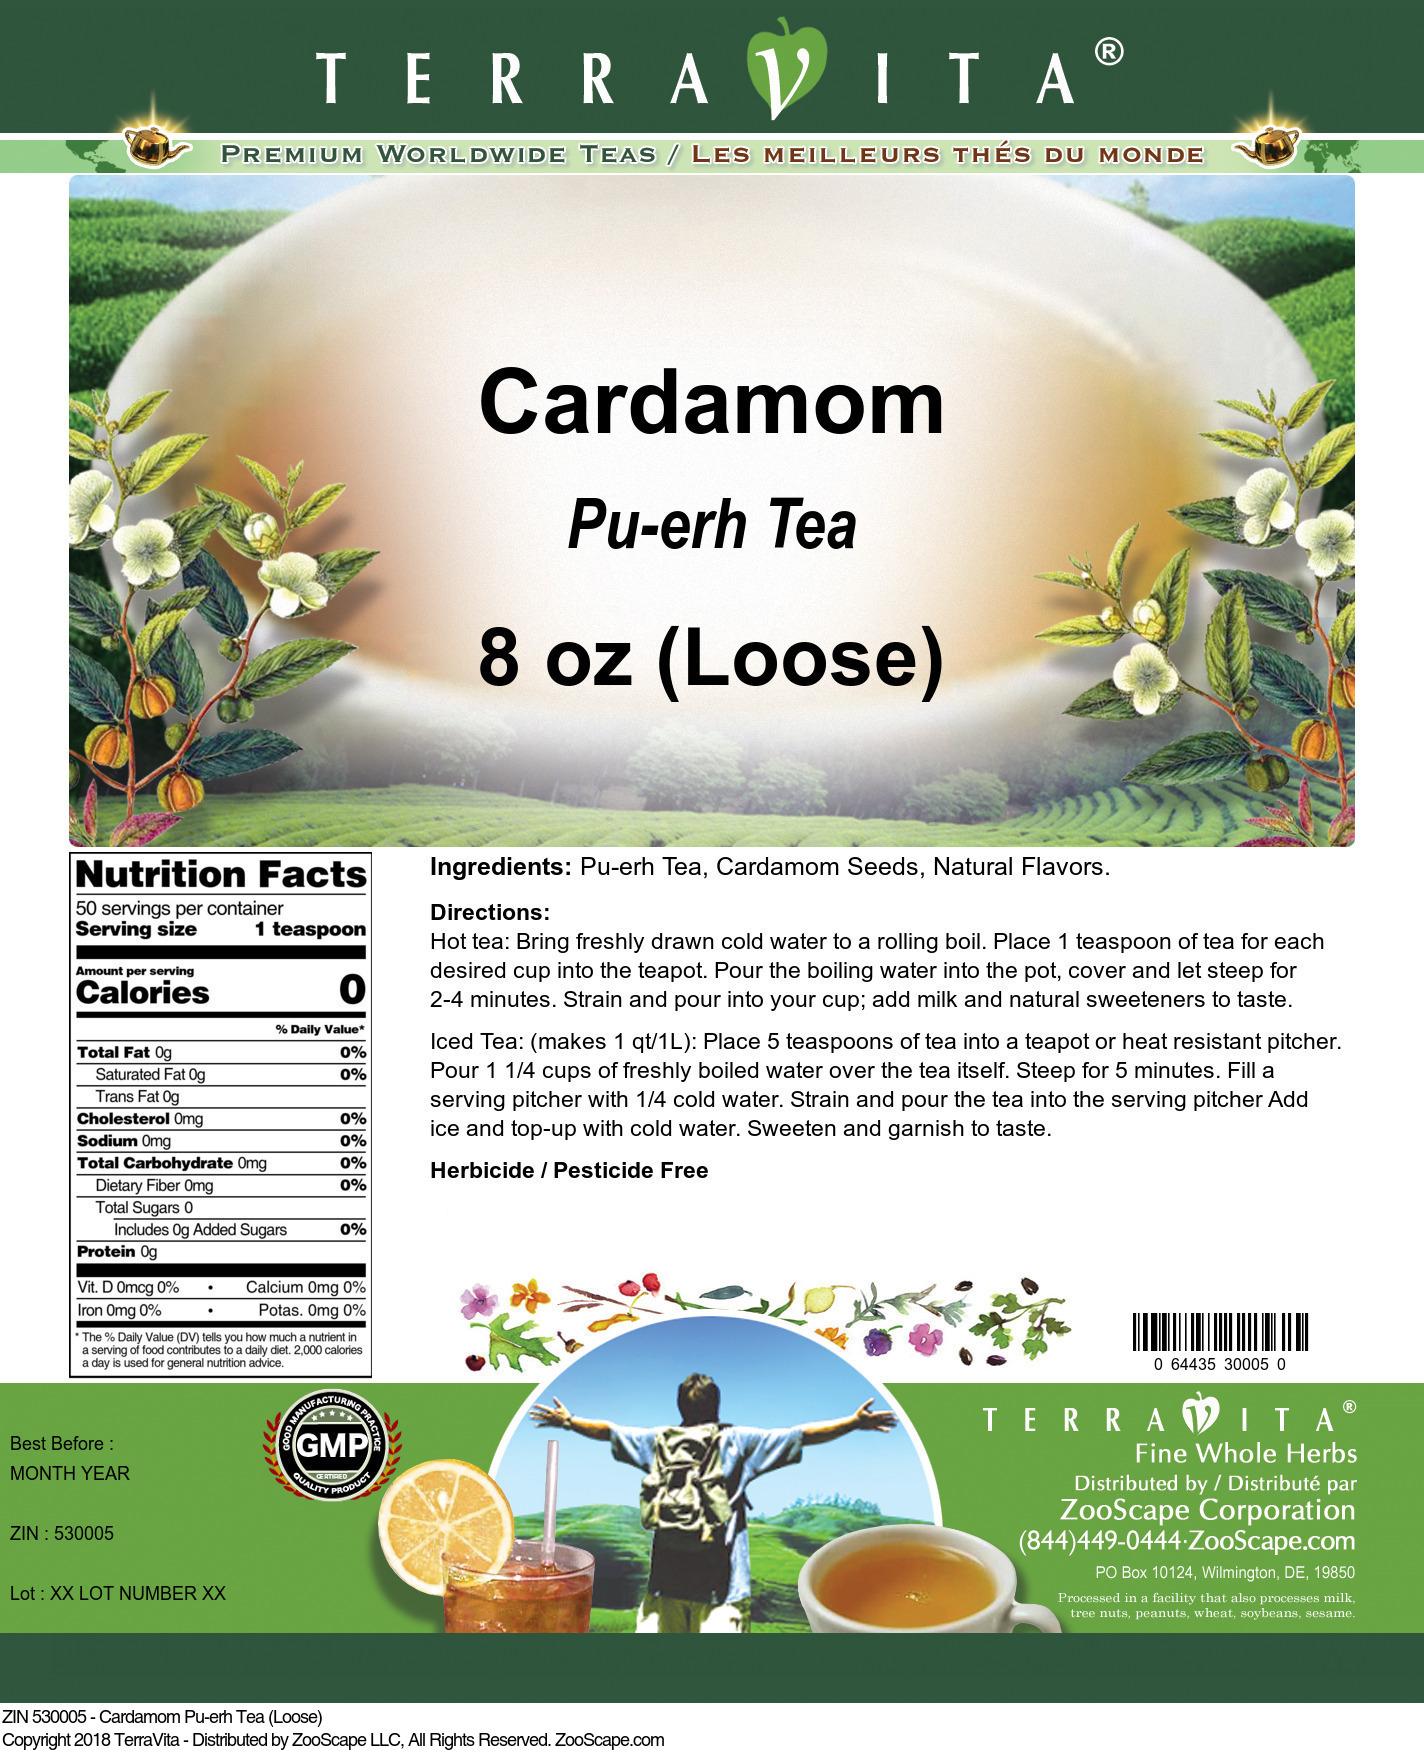 Cardamom Pu-erh Tea